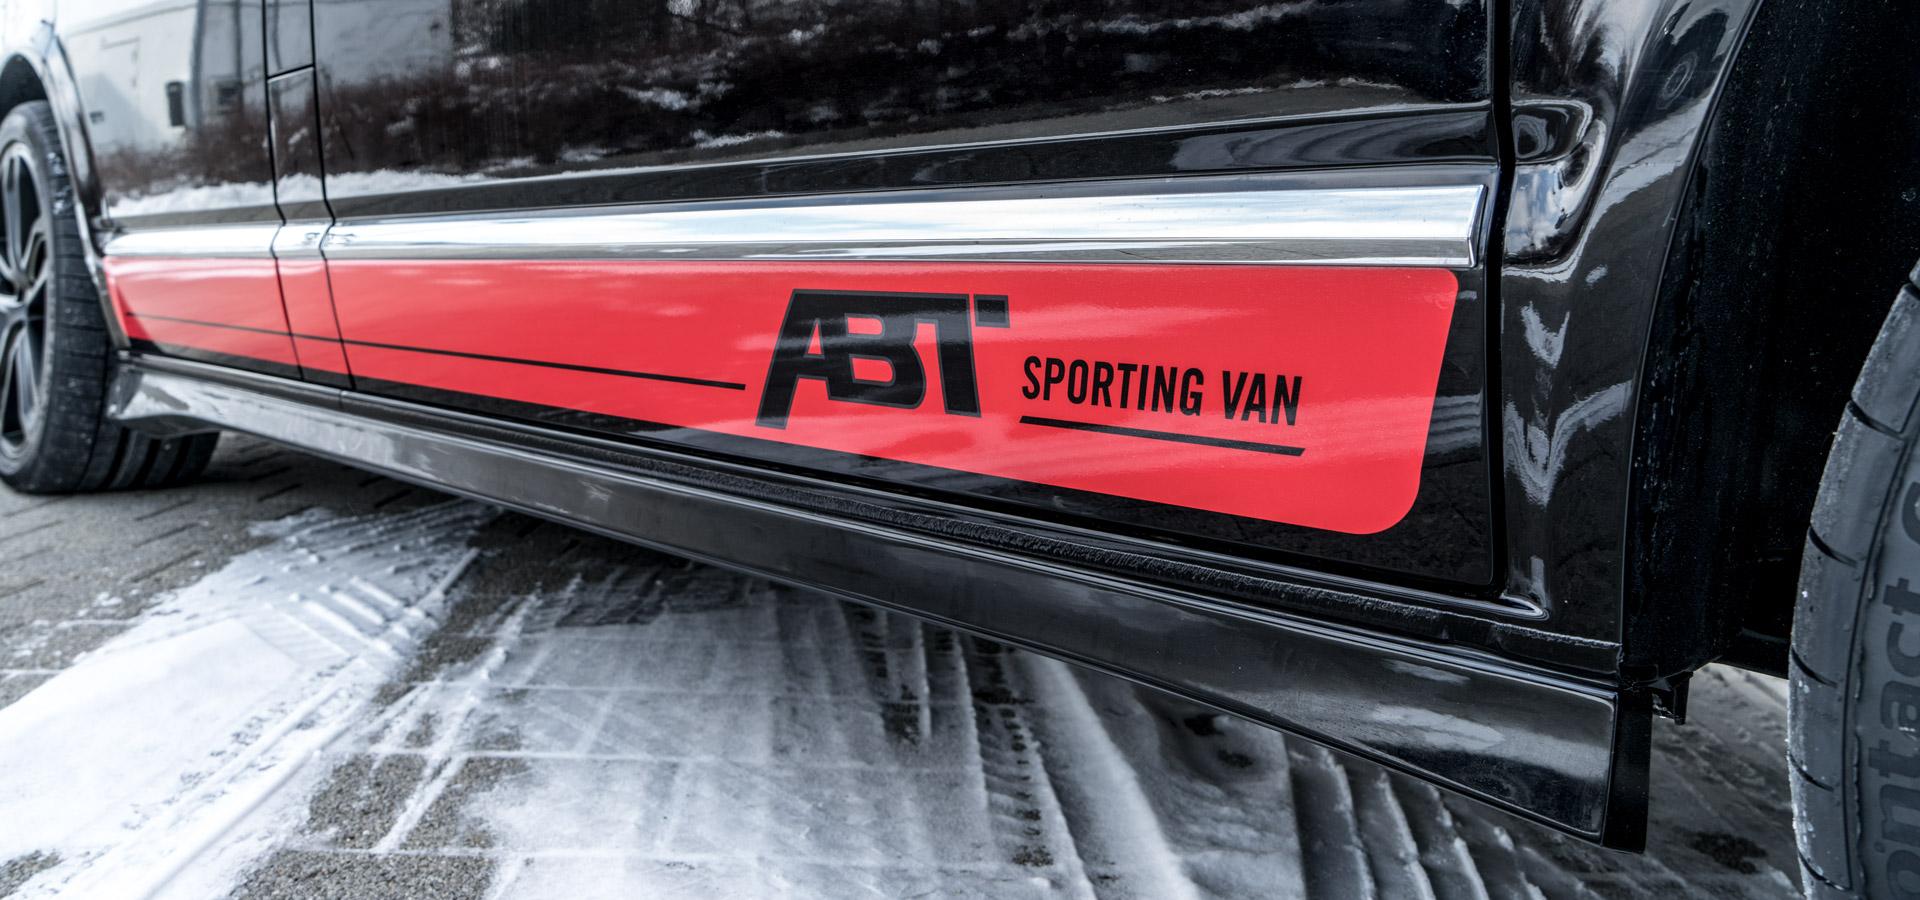 Vw T6 Abt Sportsline